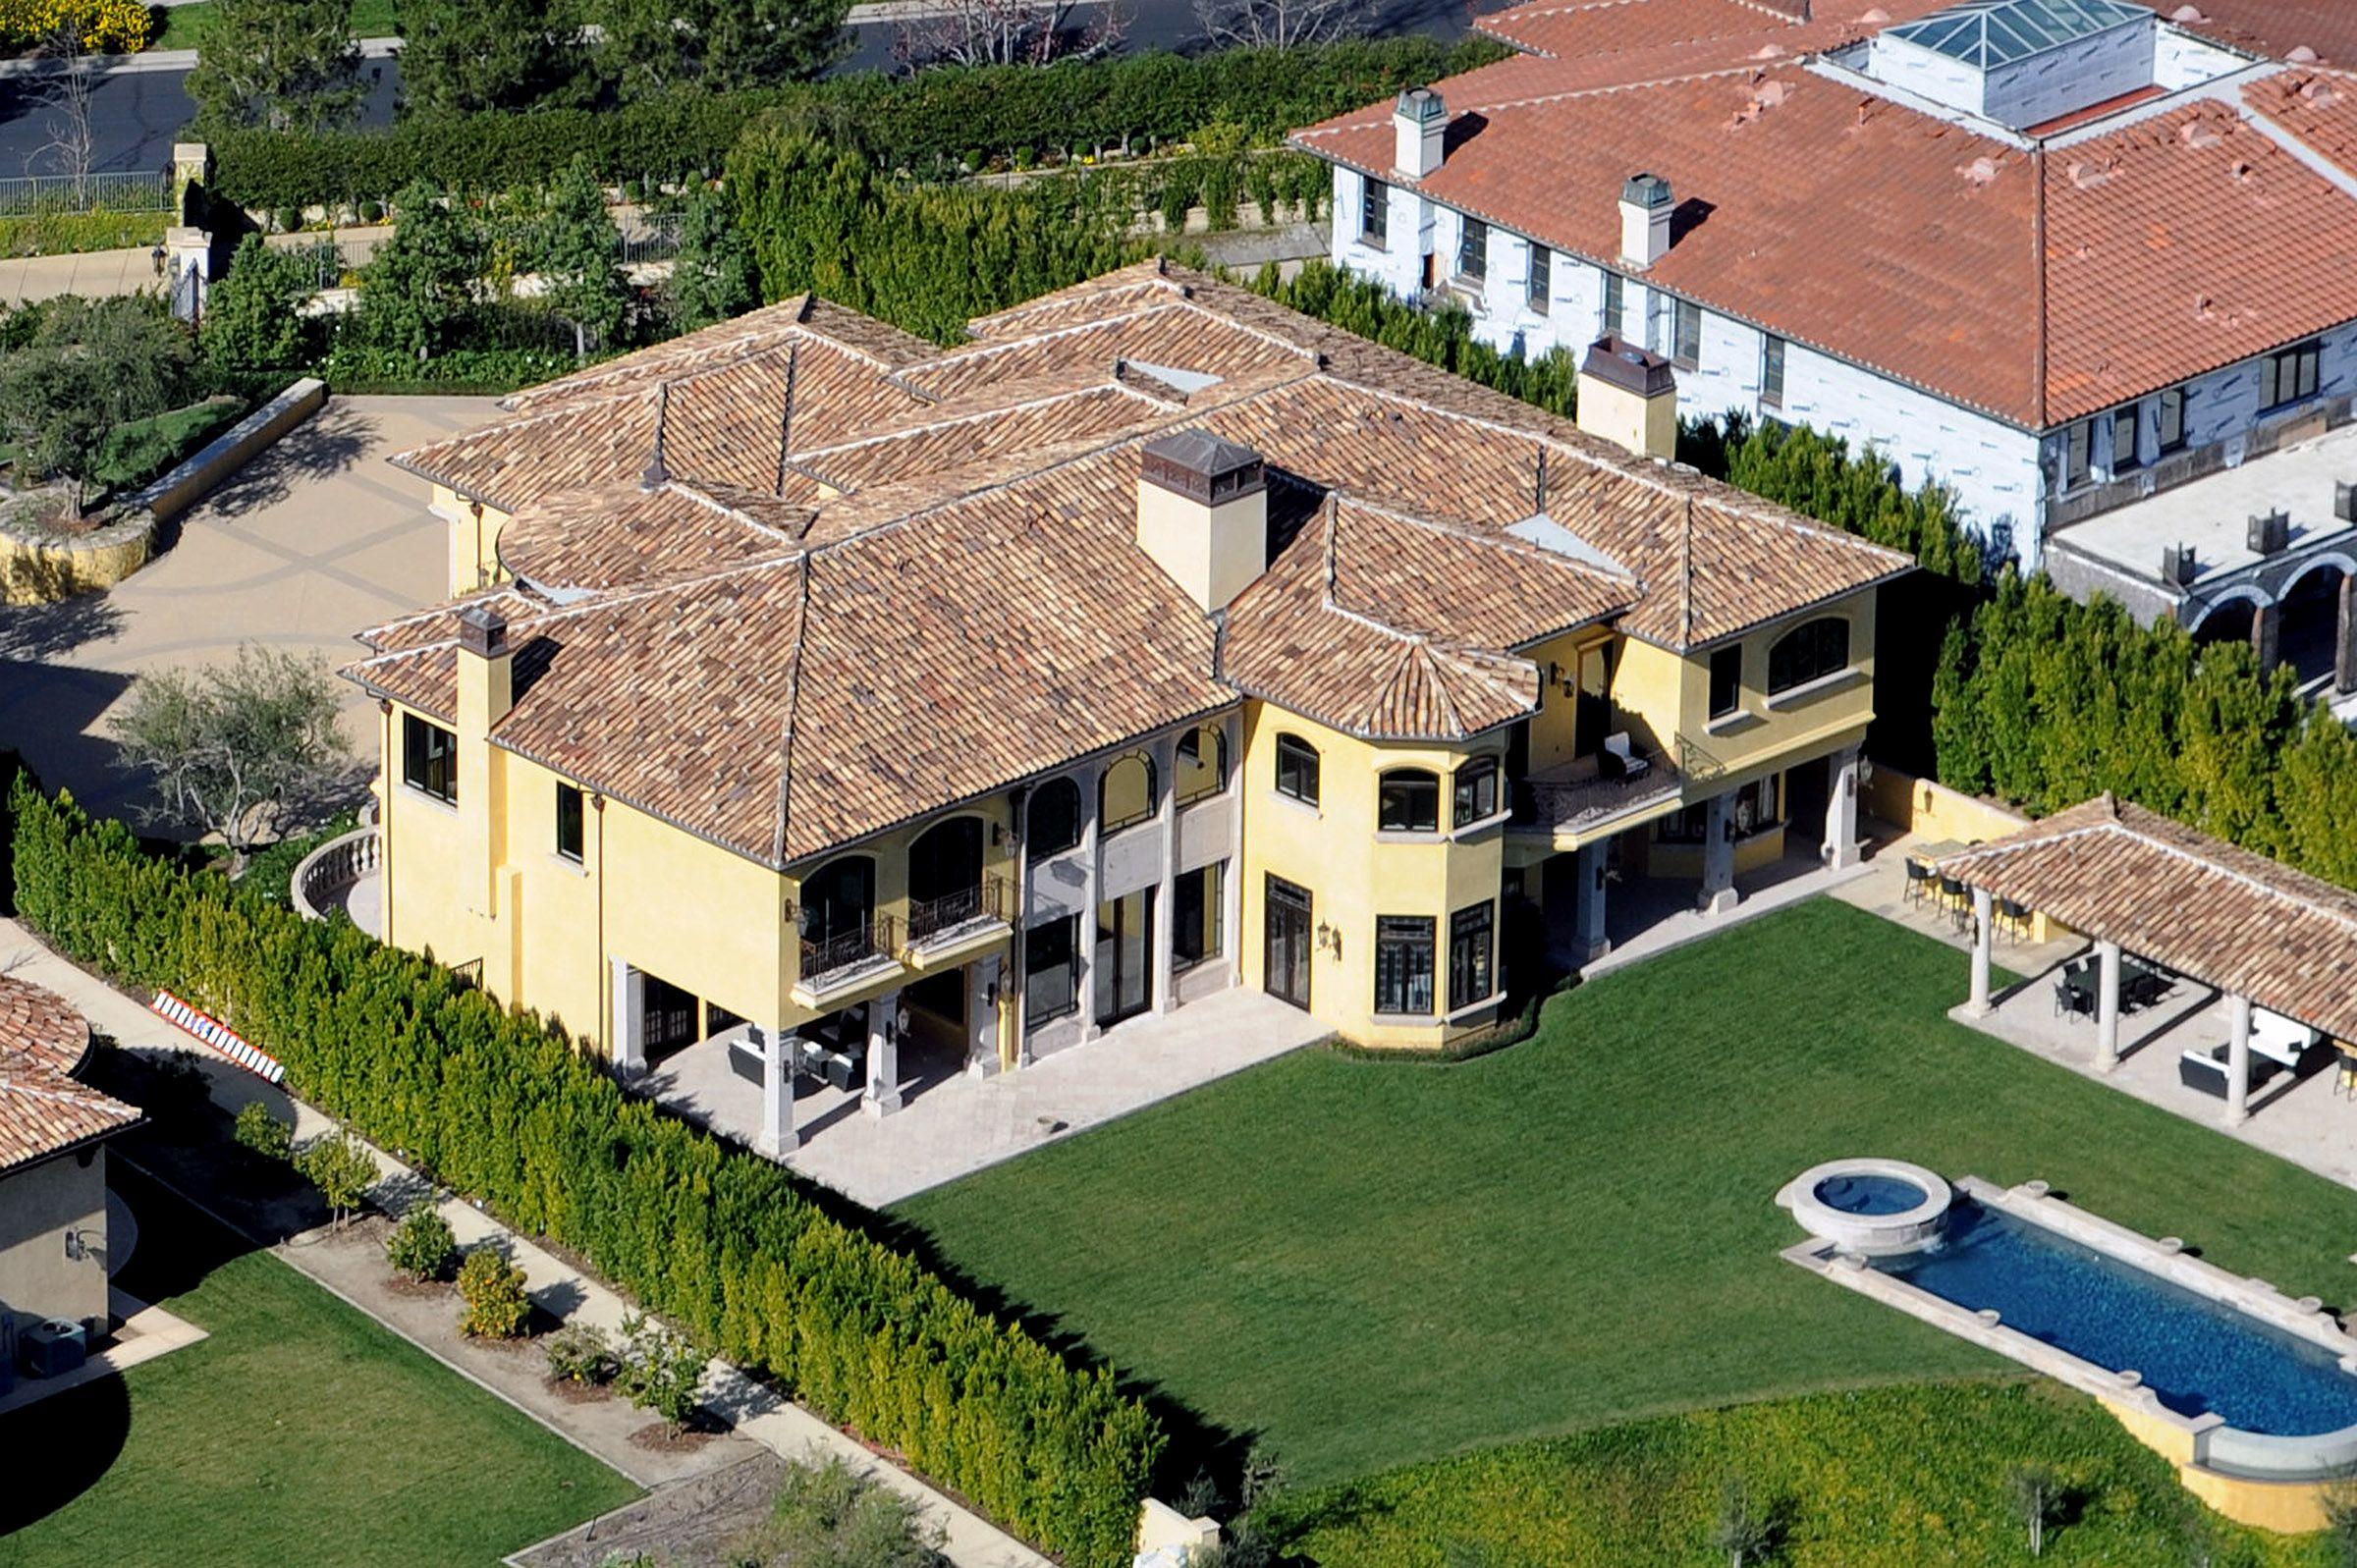 Promi villen berühmtheit häuser hollywood häuser prominente häuser kim kardashian kanye west bel air teuerste brad pitt gärten